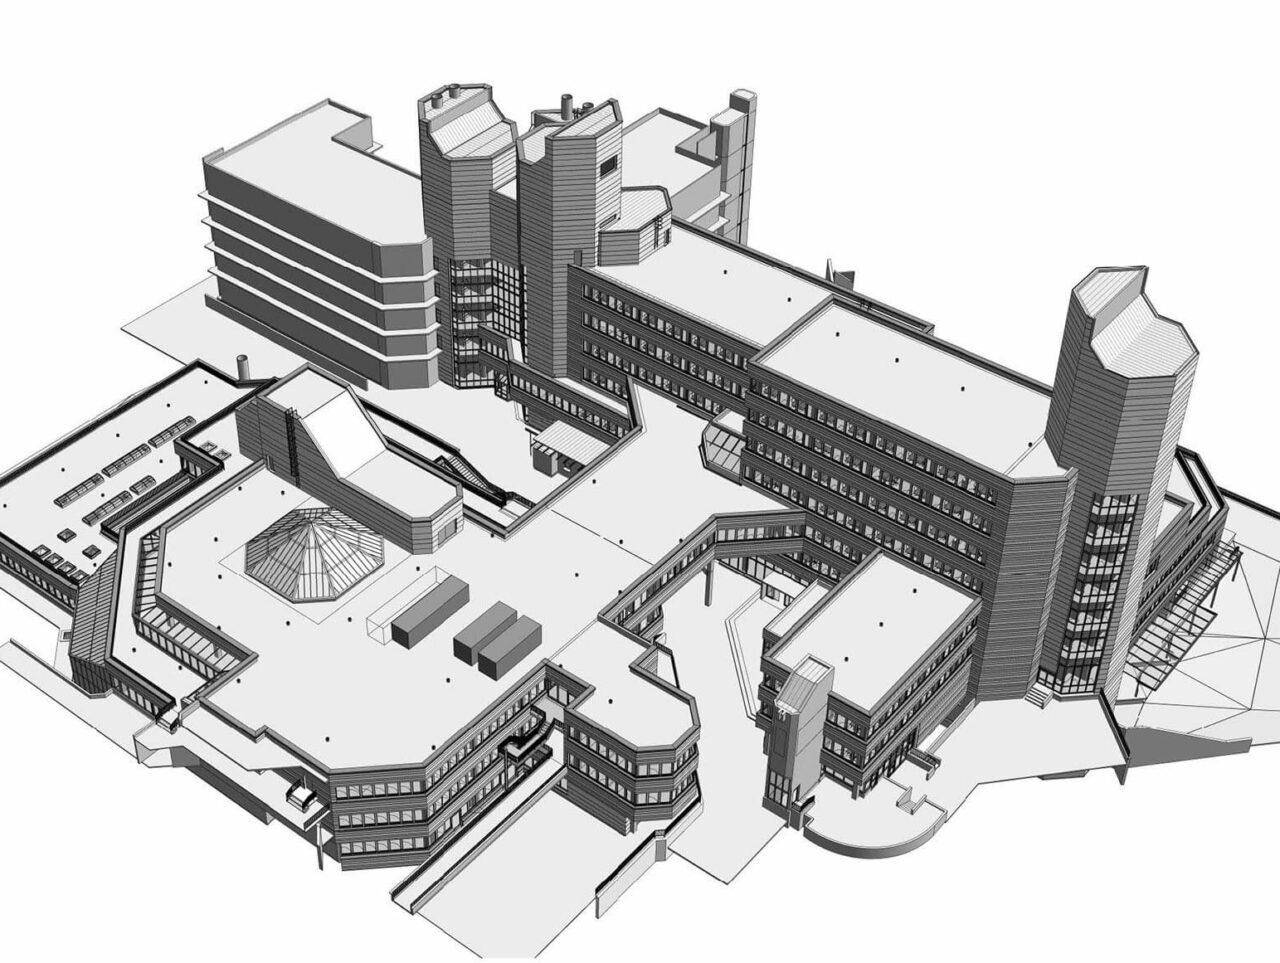 Universität Siegen Modernisierung Sanierung bim